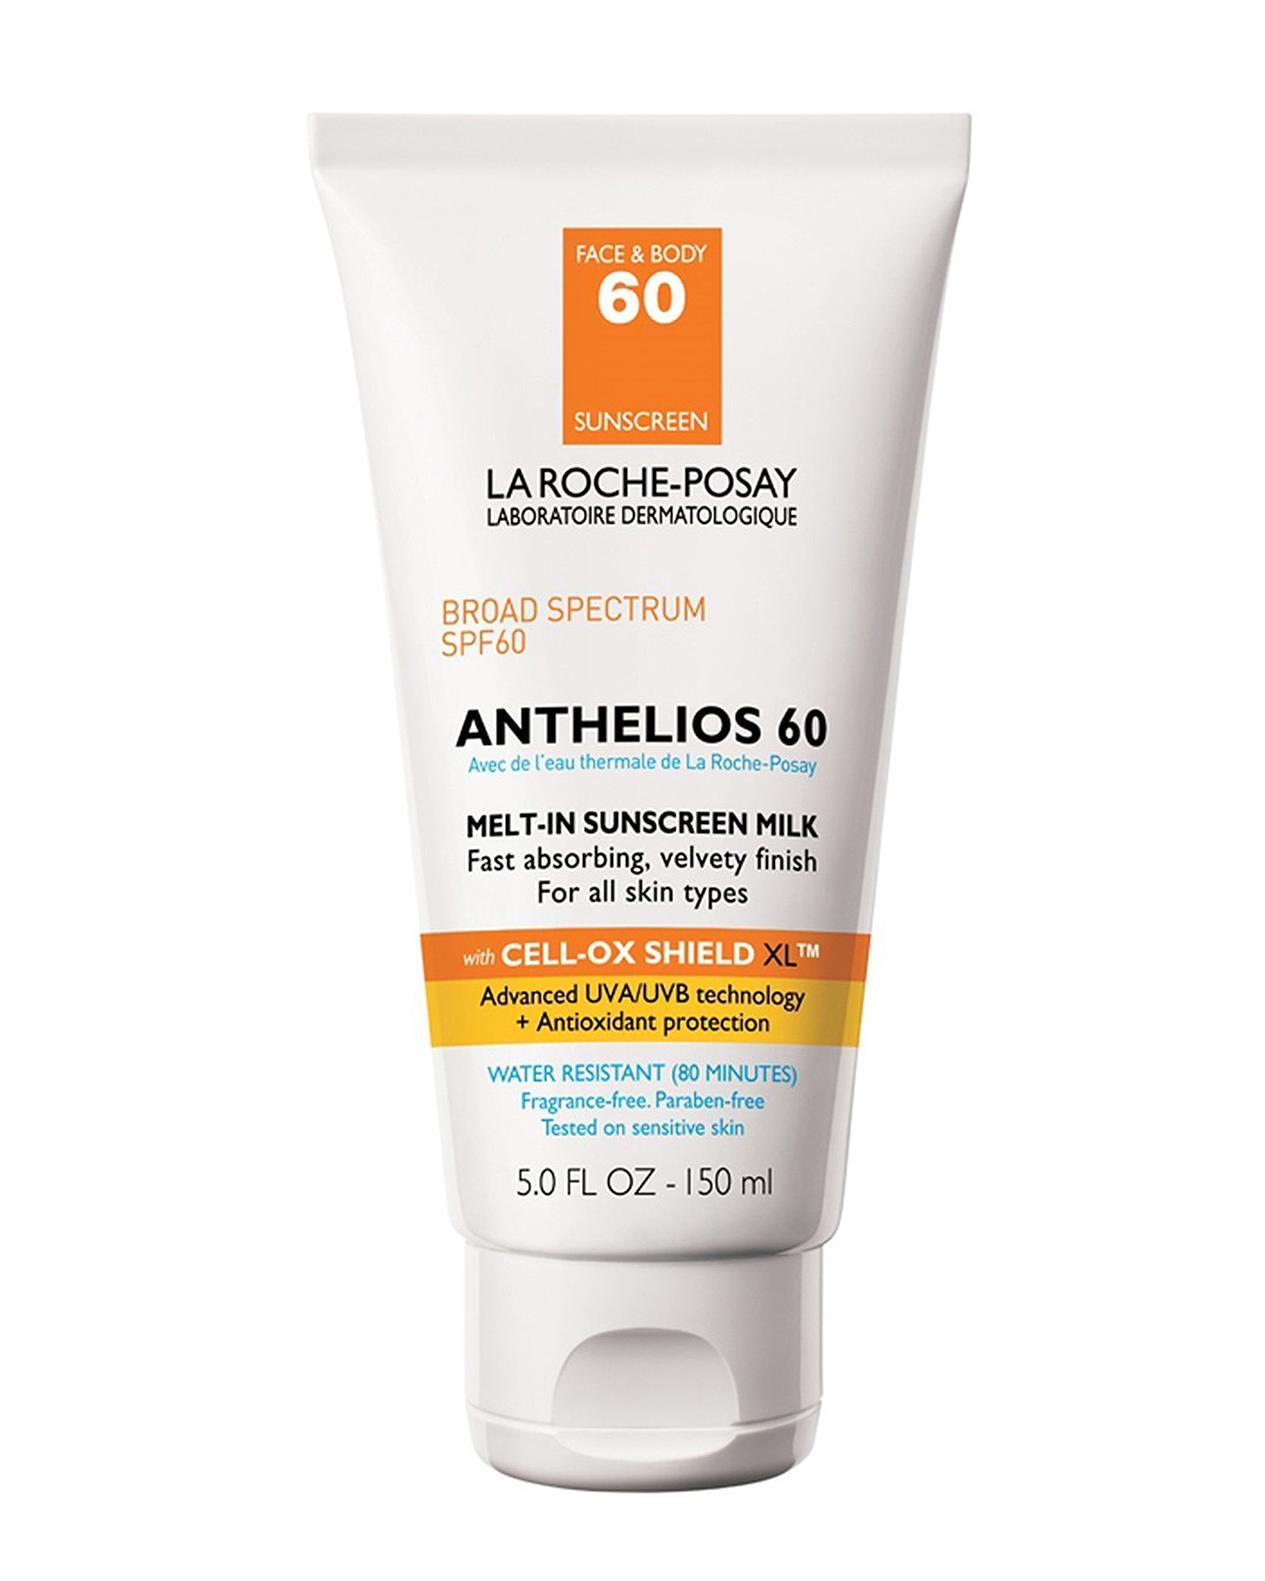 la-roche-posay-sunscreen-0815